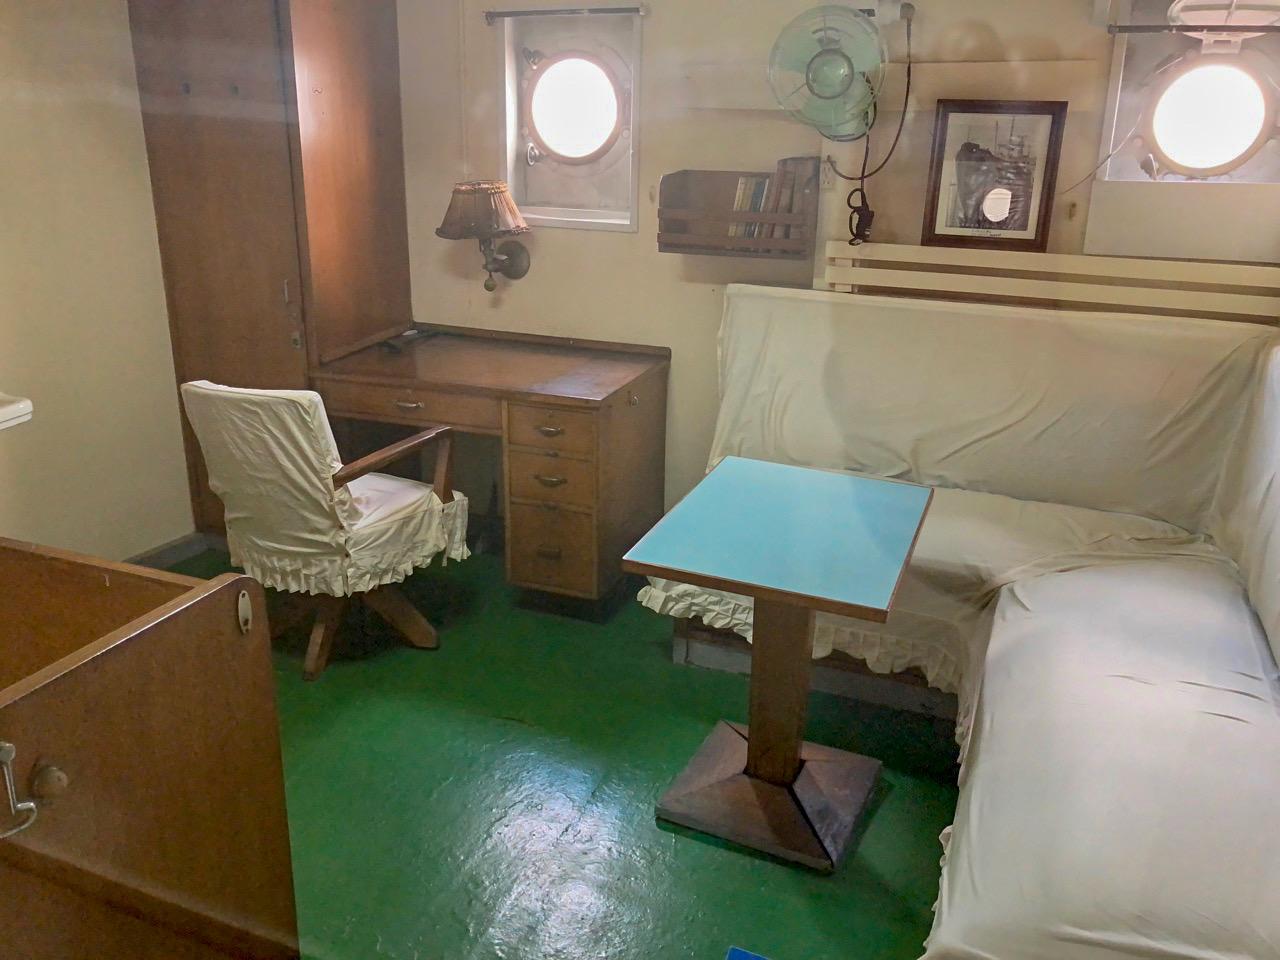 客船さながらの部屋もあり